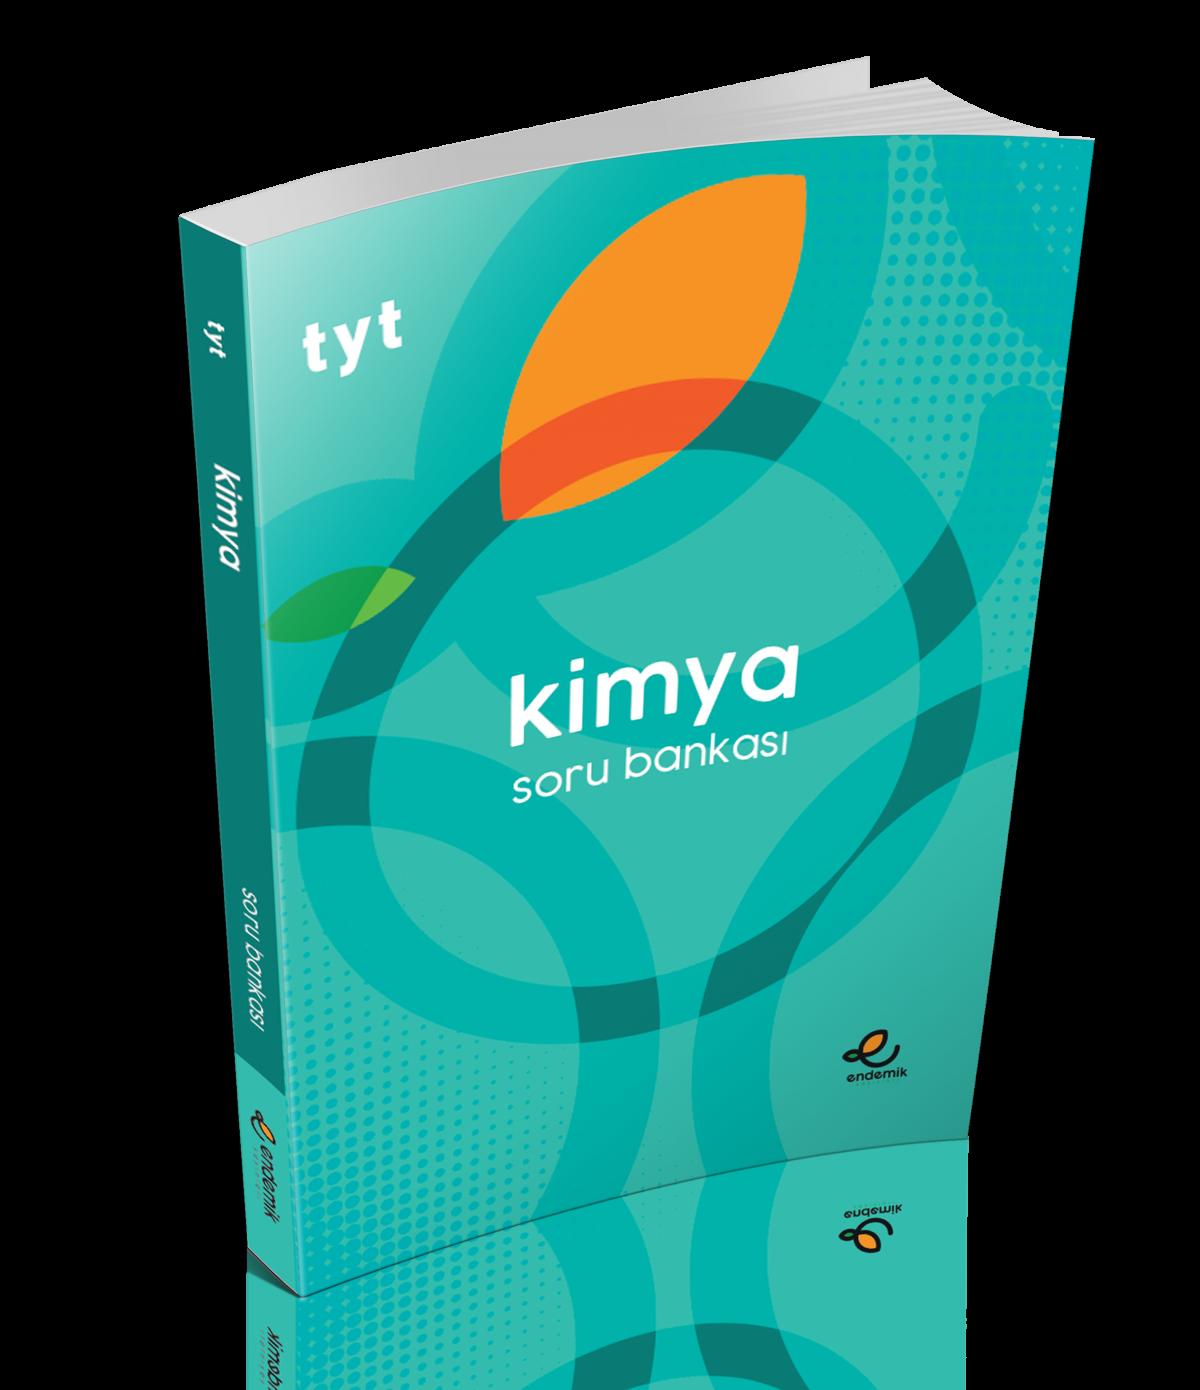 TYT Kimya Soru Bankası - Endemik